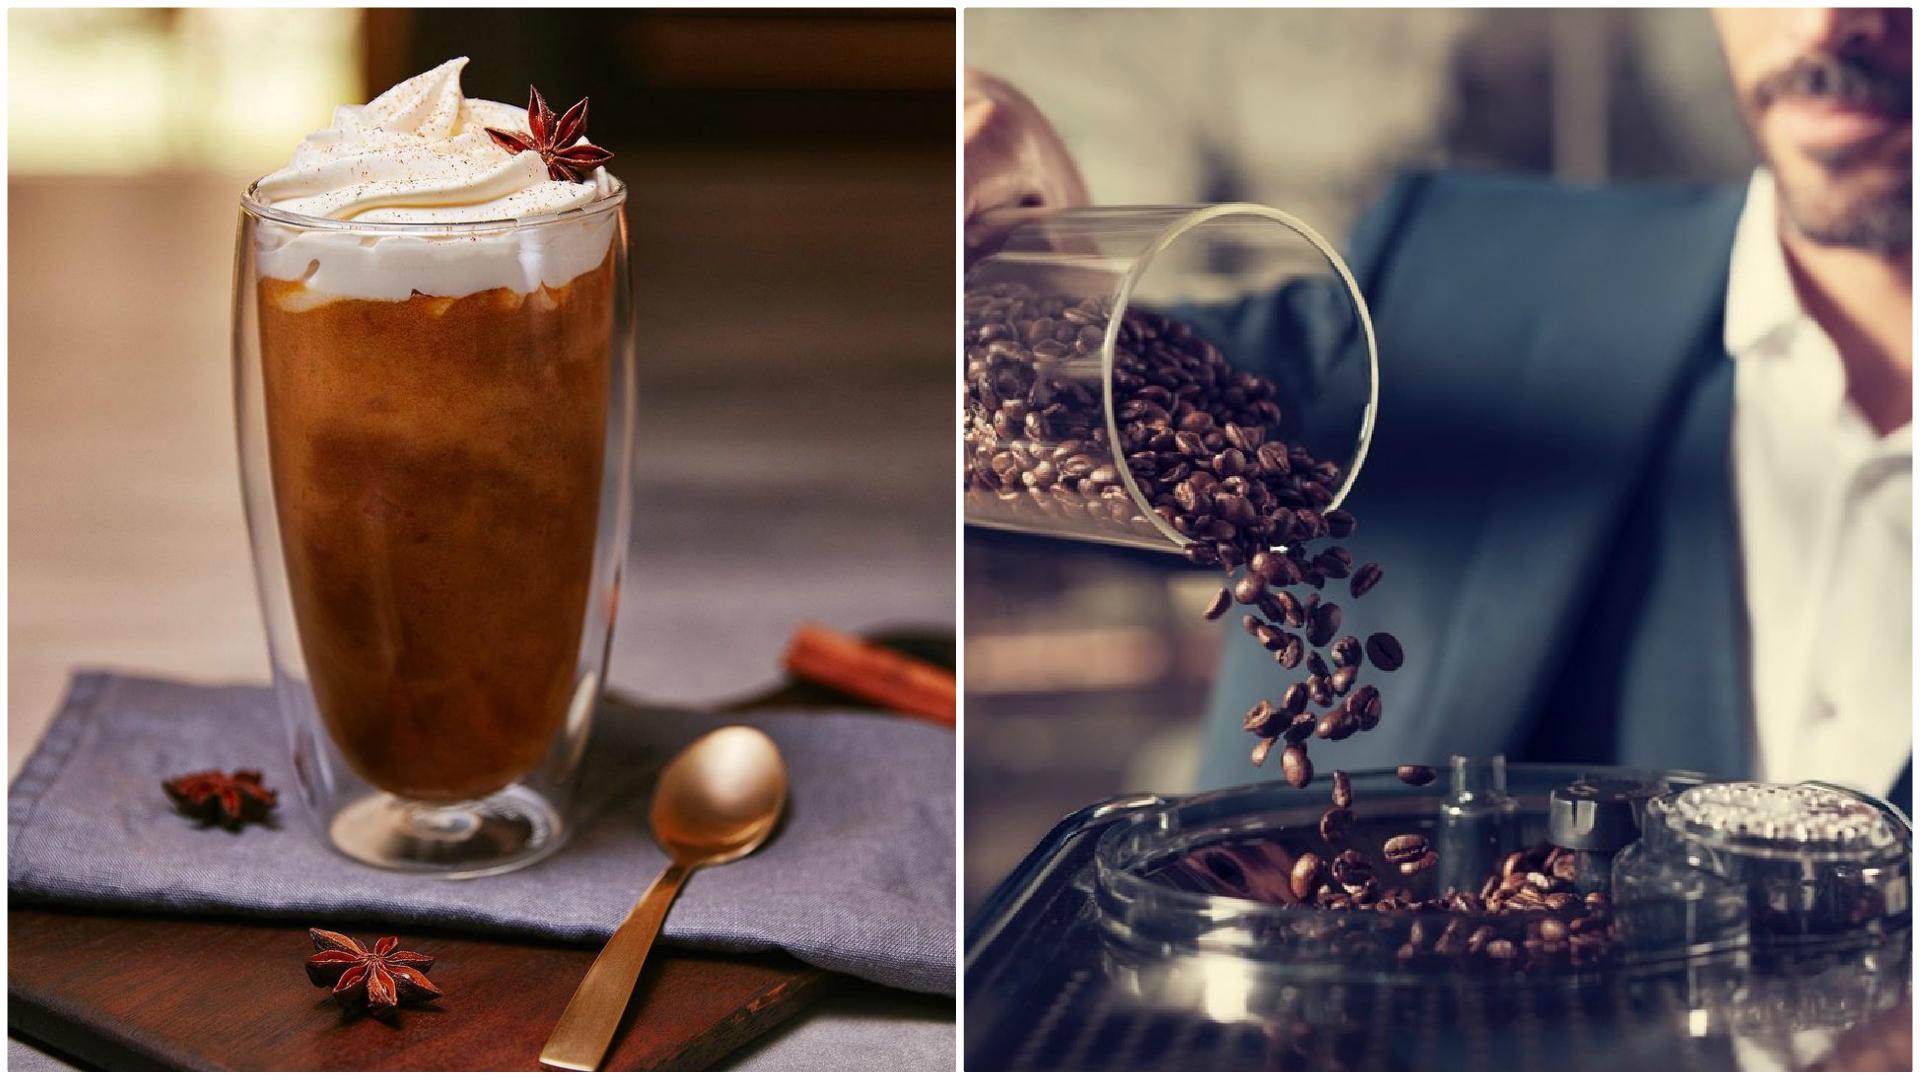 Pyszne drinki z kawą: barista podpowiada 3 proste przepisy